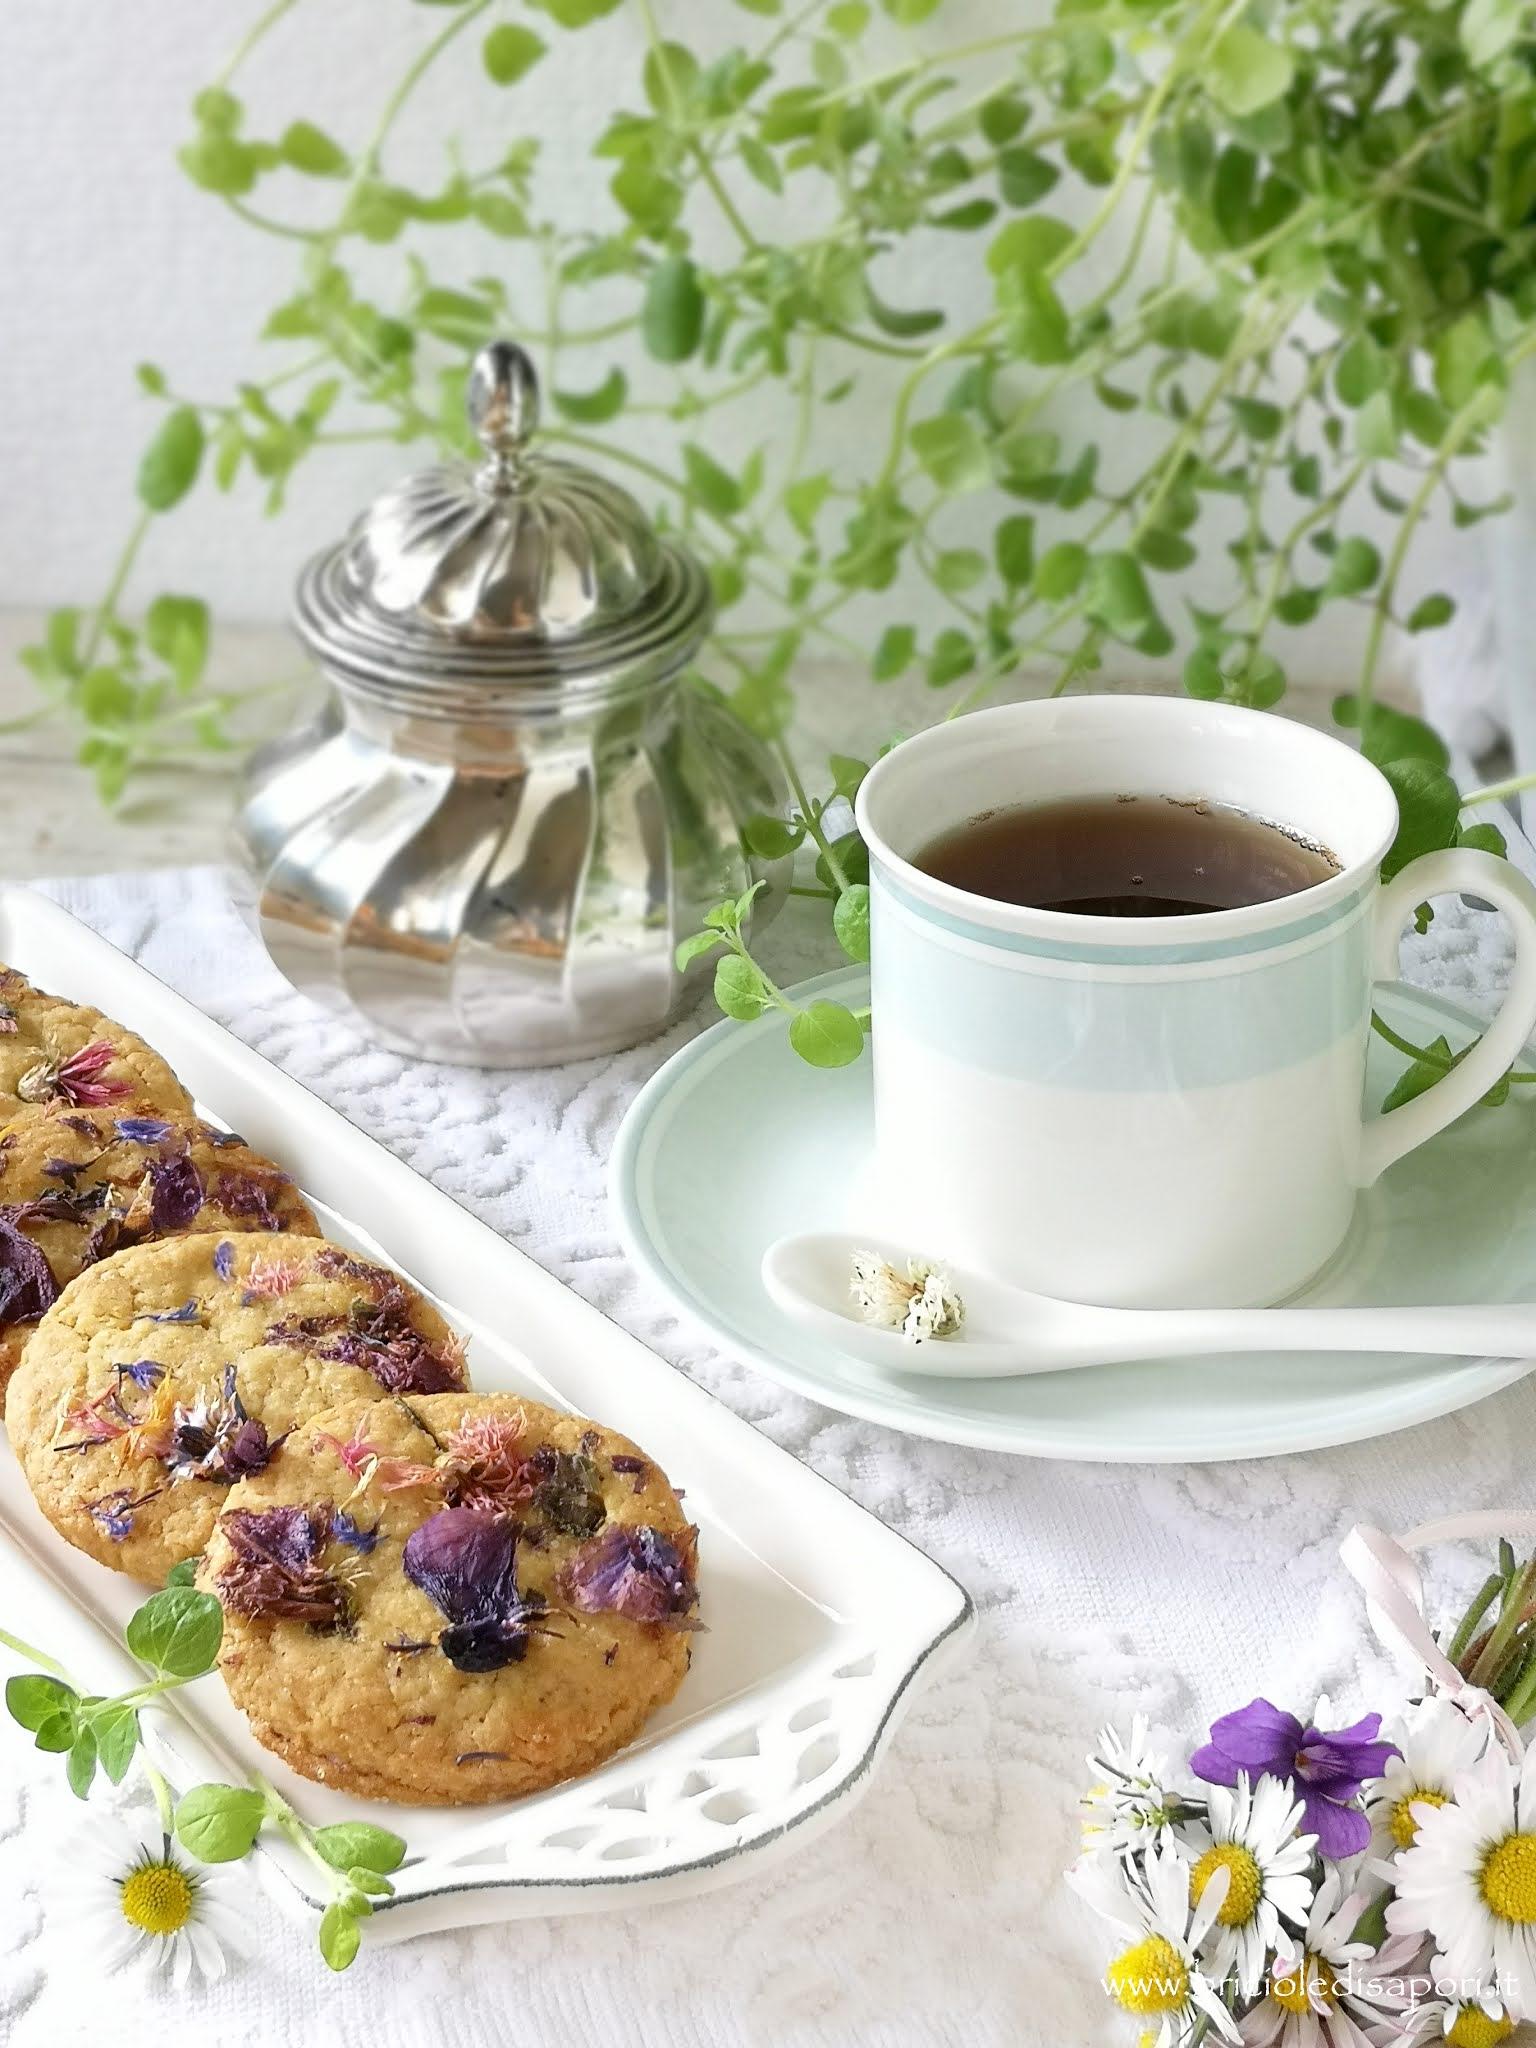 biscotti con zenzero e fiori primaverili